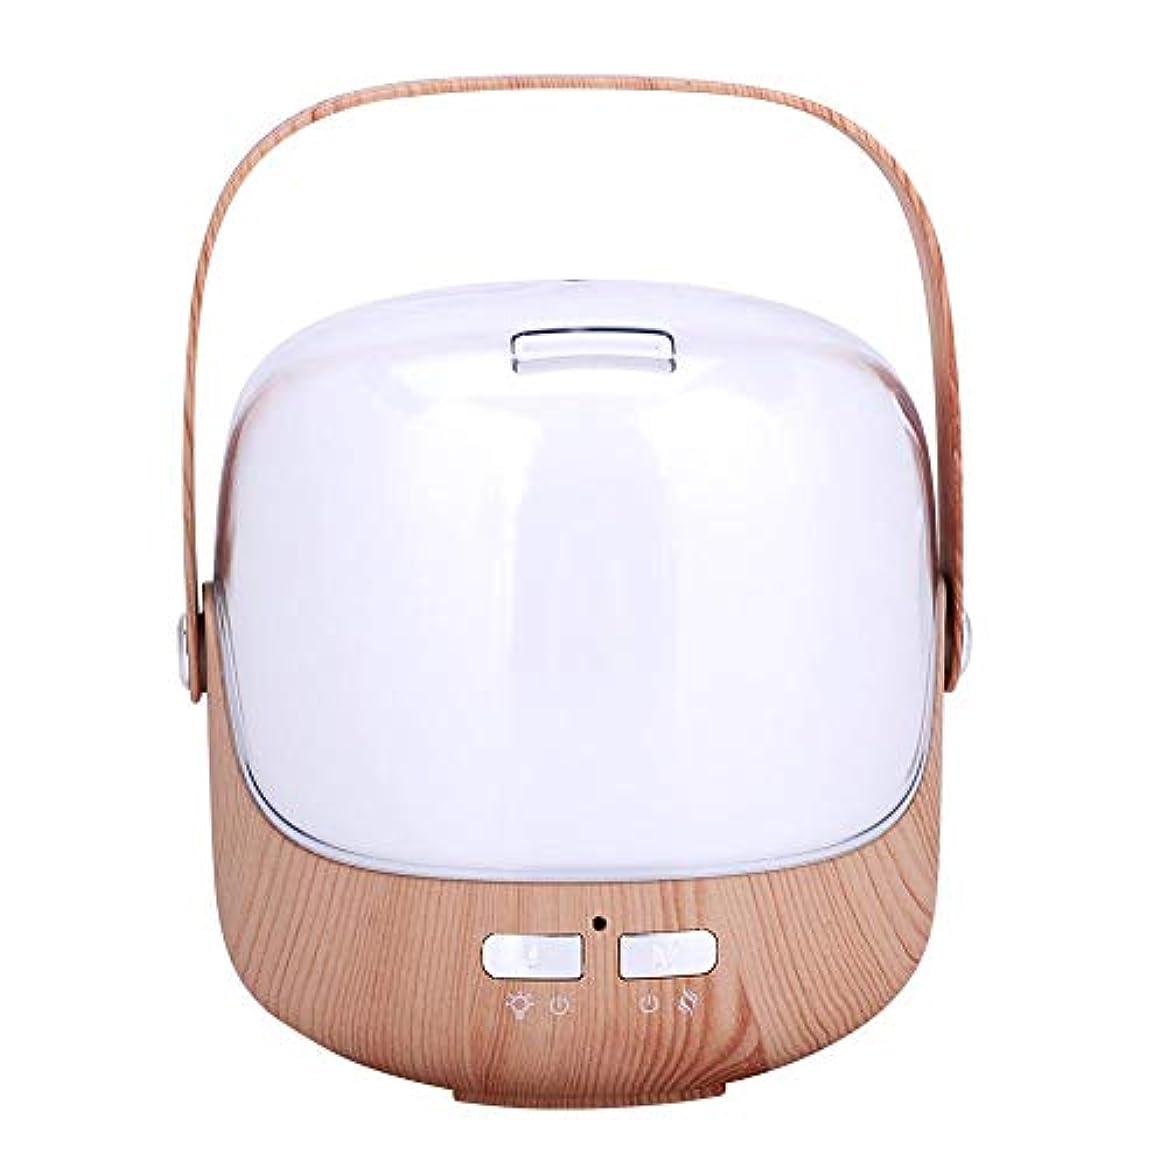 ブロック安いです提案アロマ加湿器 アロマディフューザー 超音波加湿器 卓上加湿器 250ml 超音波霧化 空焚き防止 アロマ機能 7色LED付き 室内加湿 乾燥対策 暖房室対応 小型 低騒音 省エネ 部屋 オフィス (01)